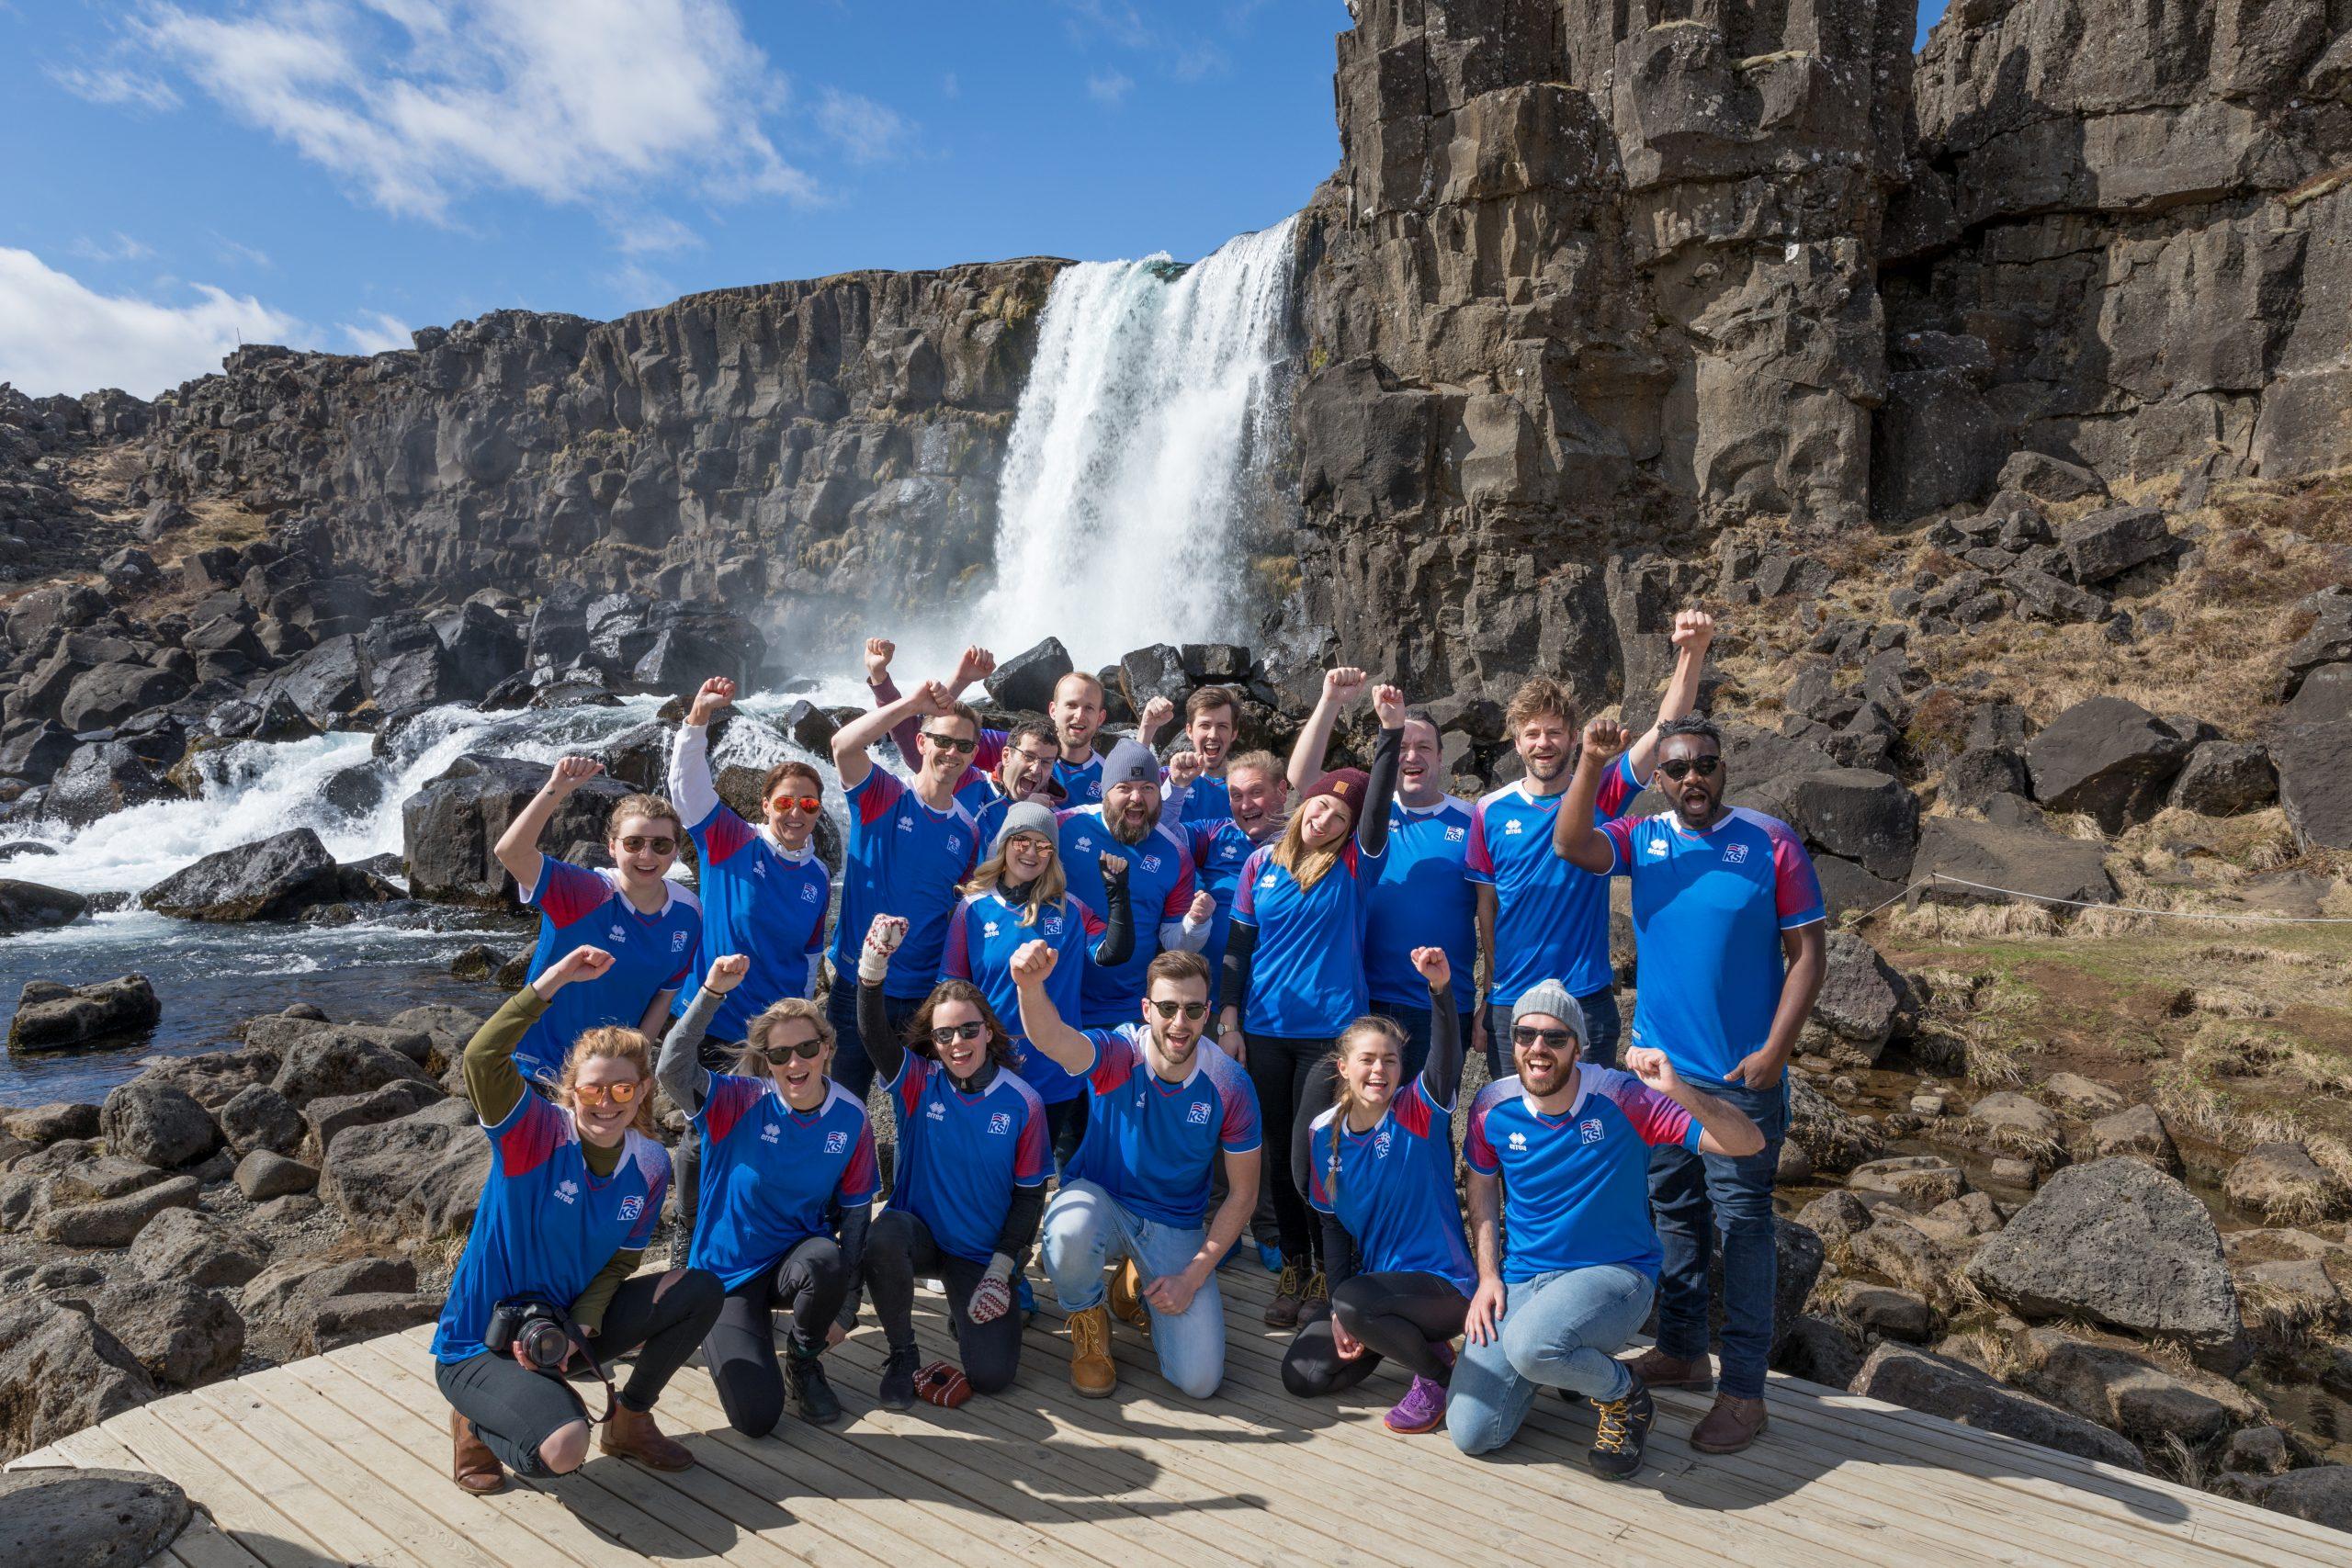 Icelandair er ikke kun Islands største flyselskab, der er også sagaøens største aktør indenfor turisme. Her PR-foto fra Icelandairs stopover-kampagne.